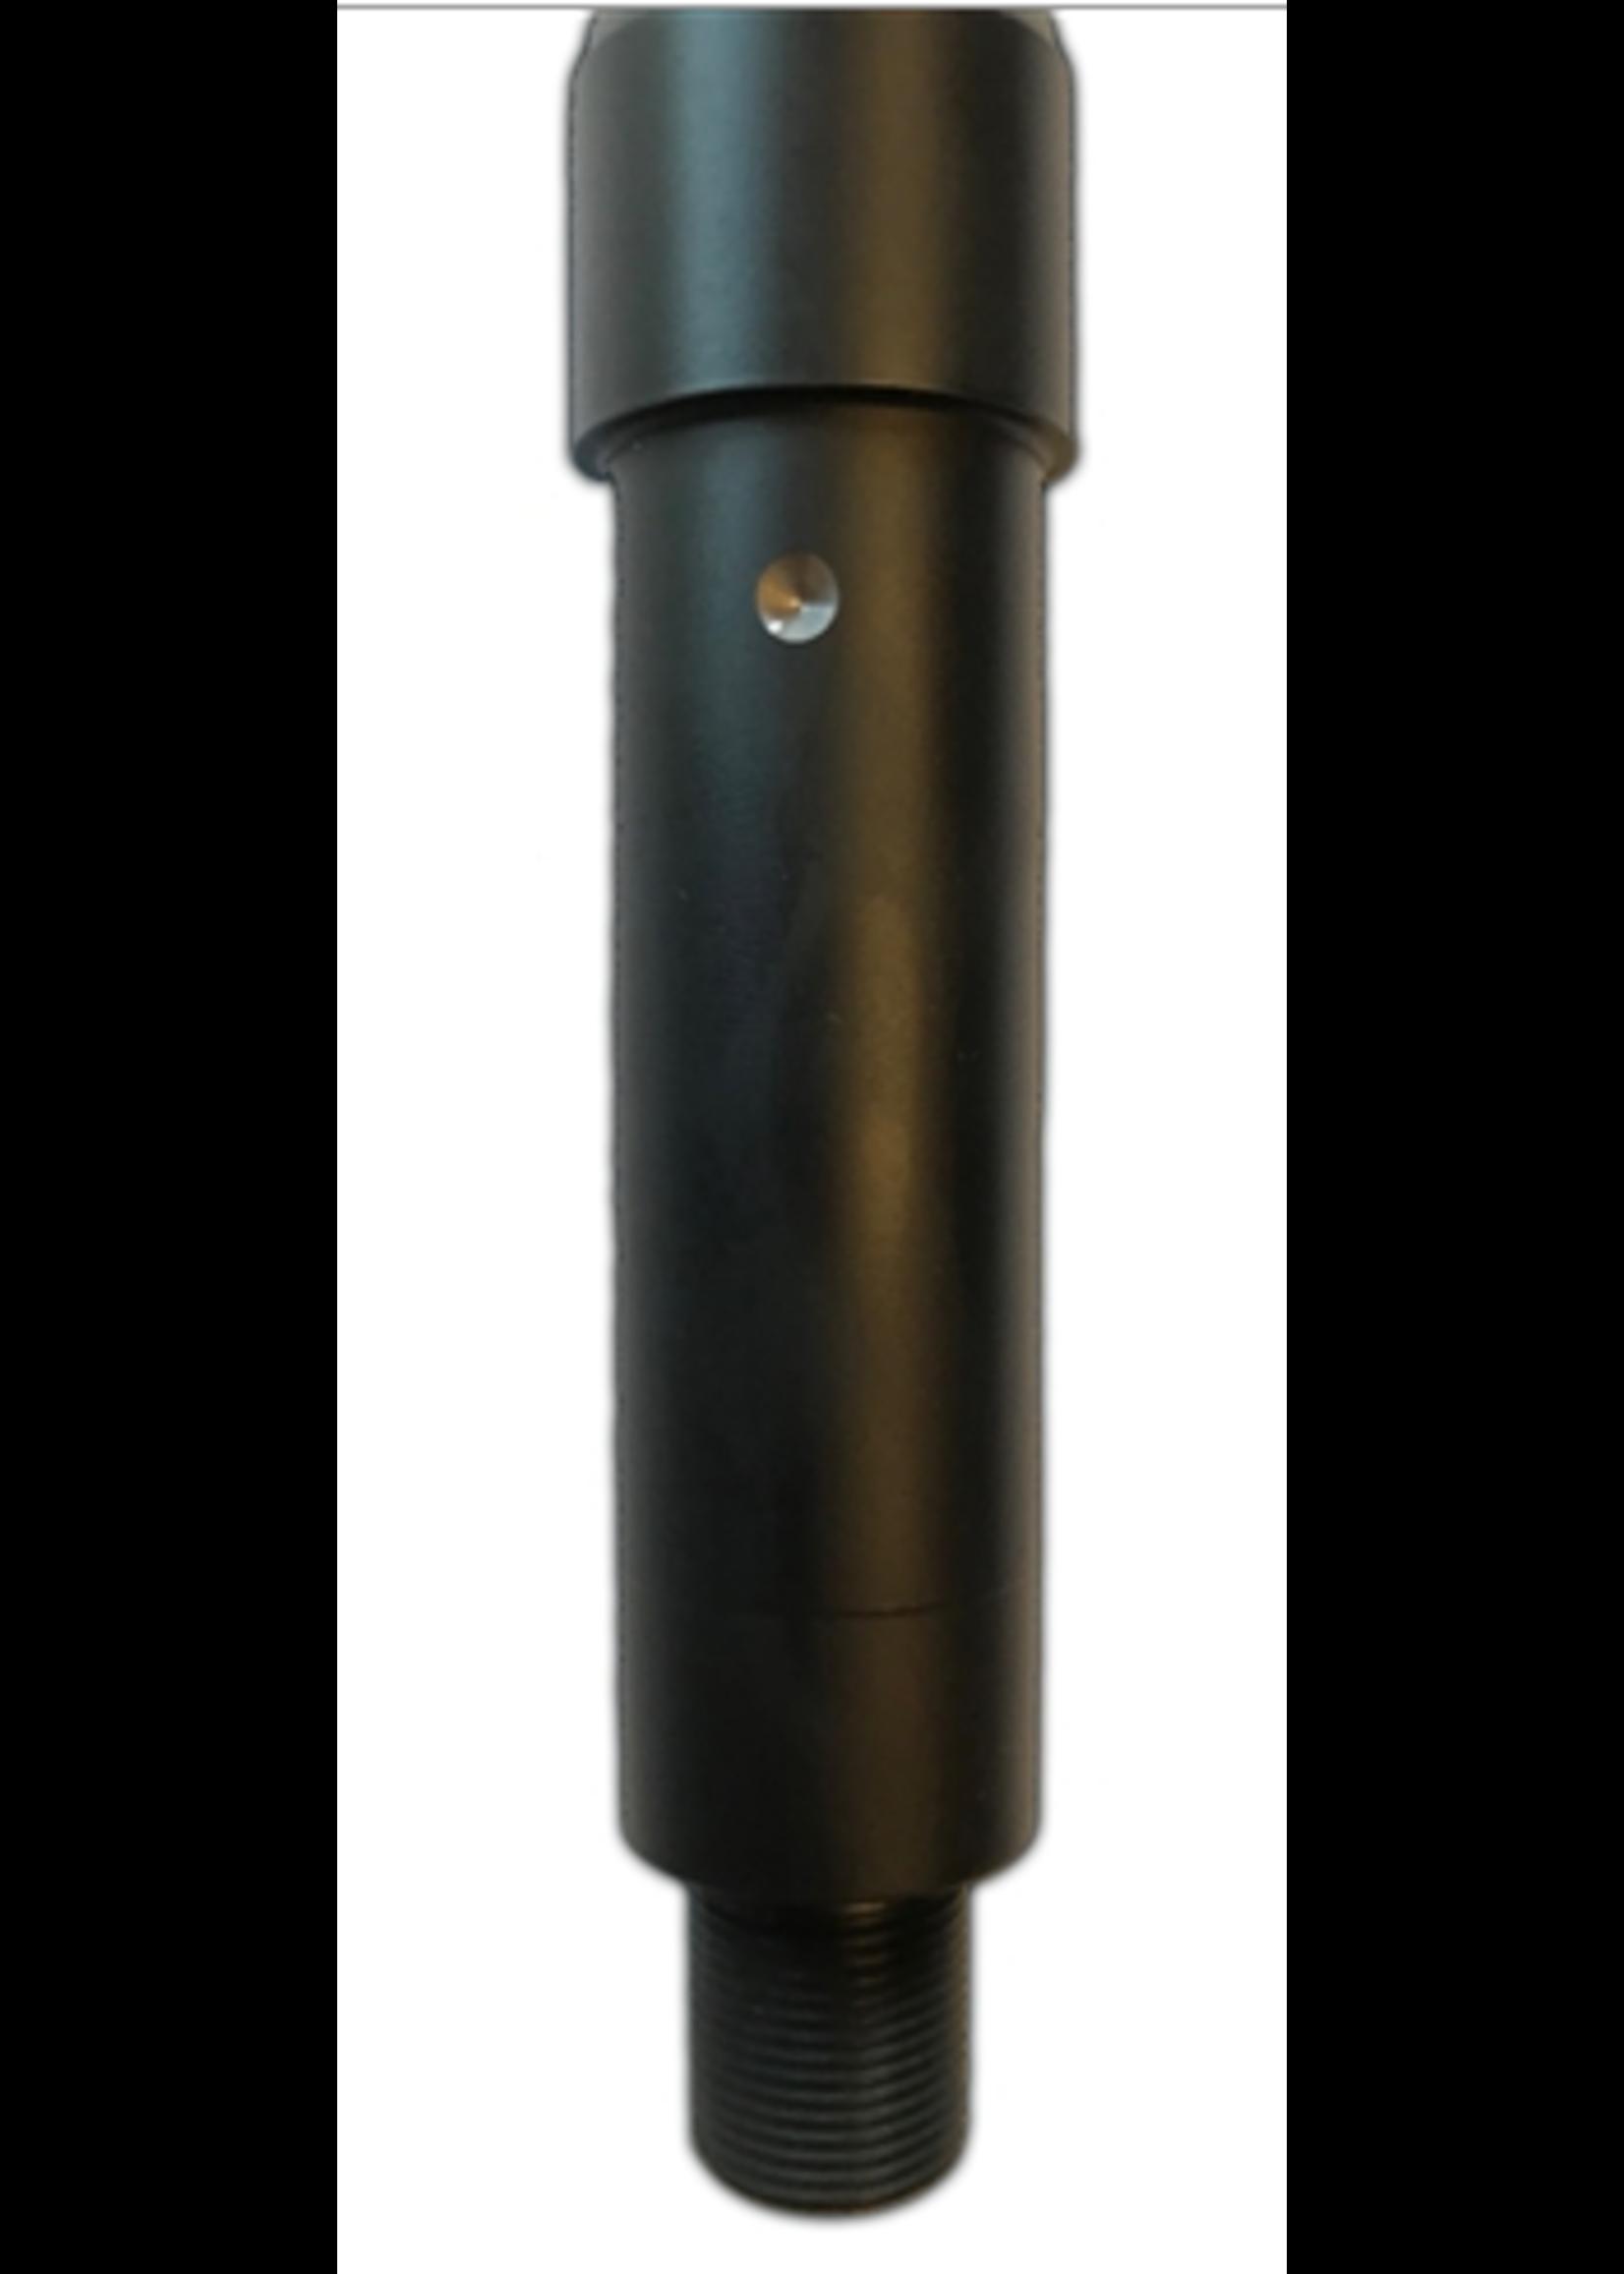 Disruptive Tactical DT15 MK18 10.5 BARREL